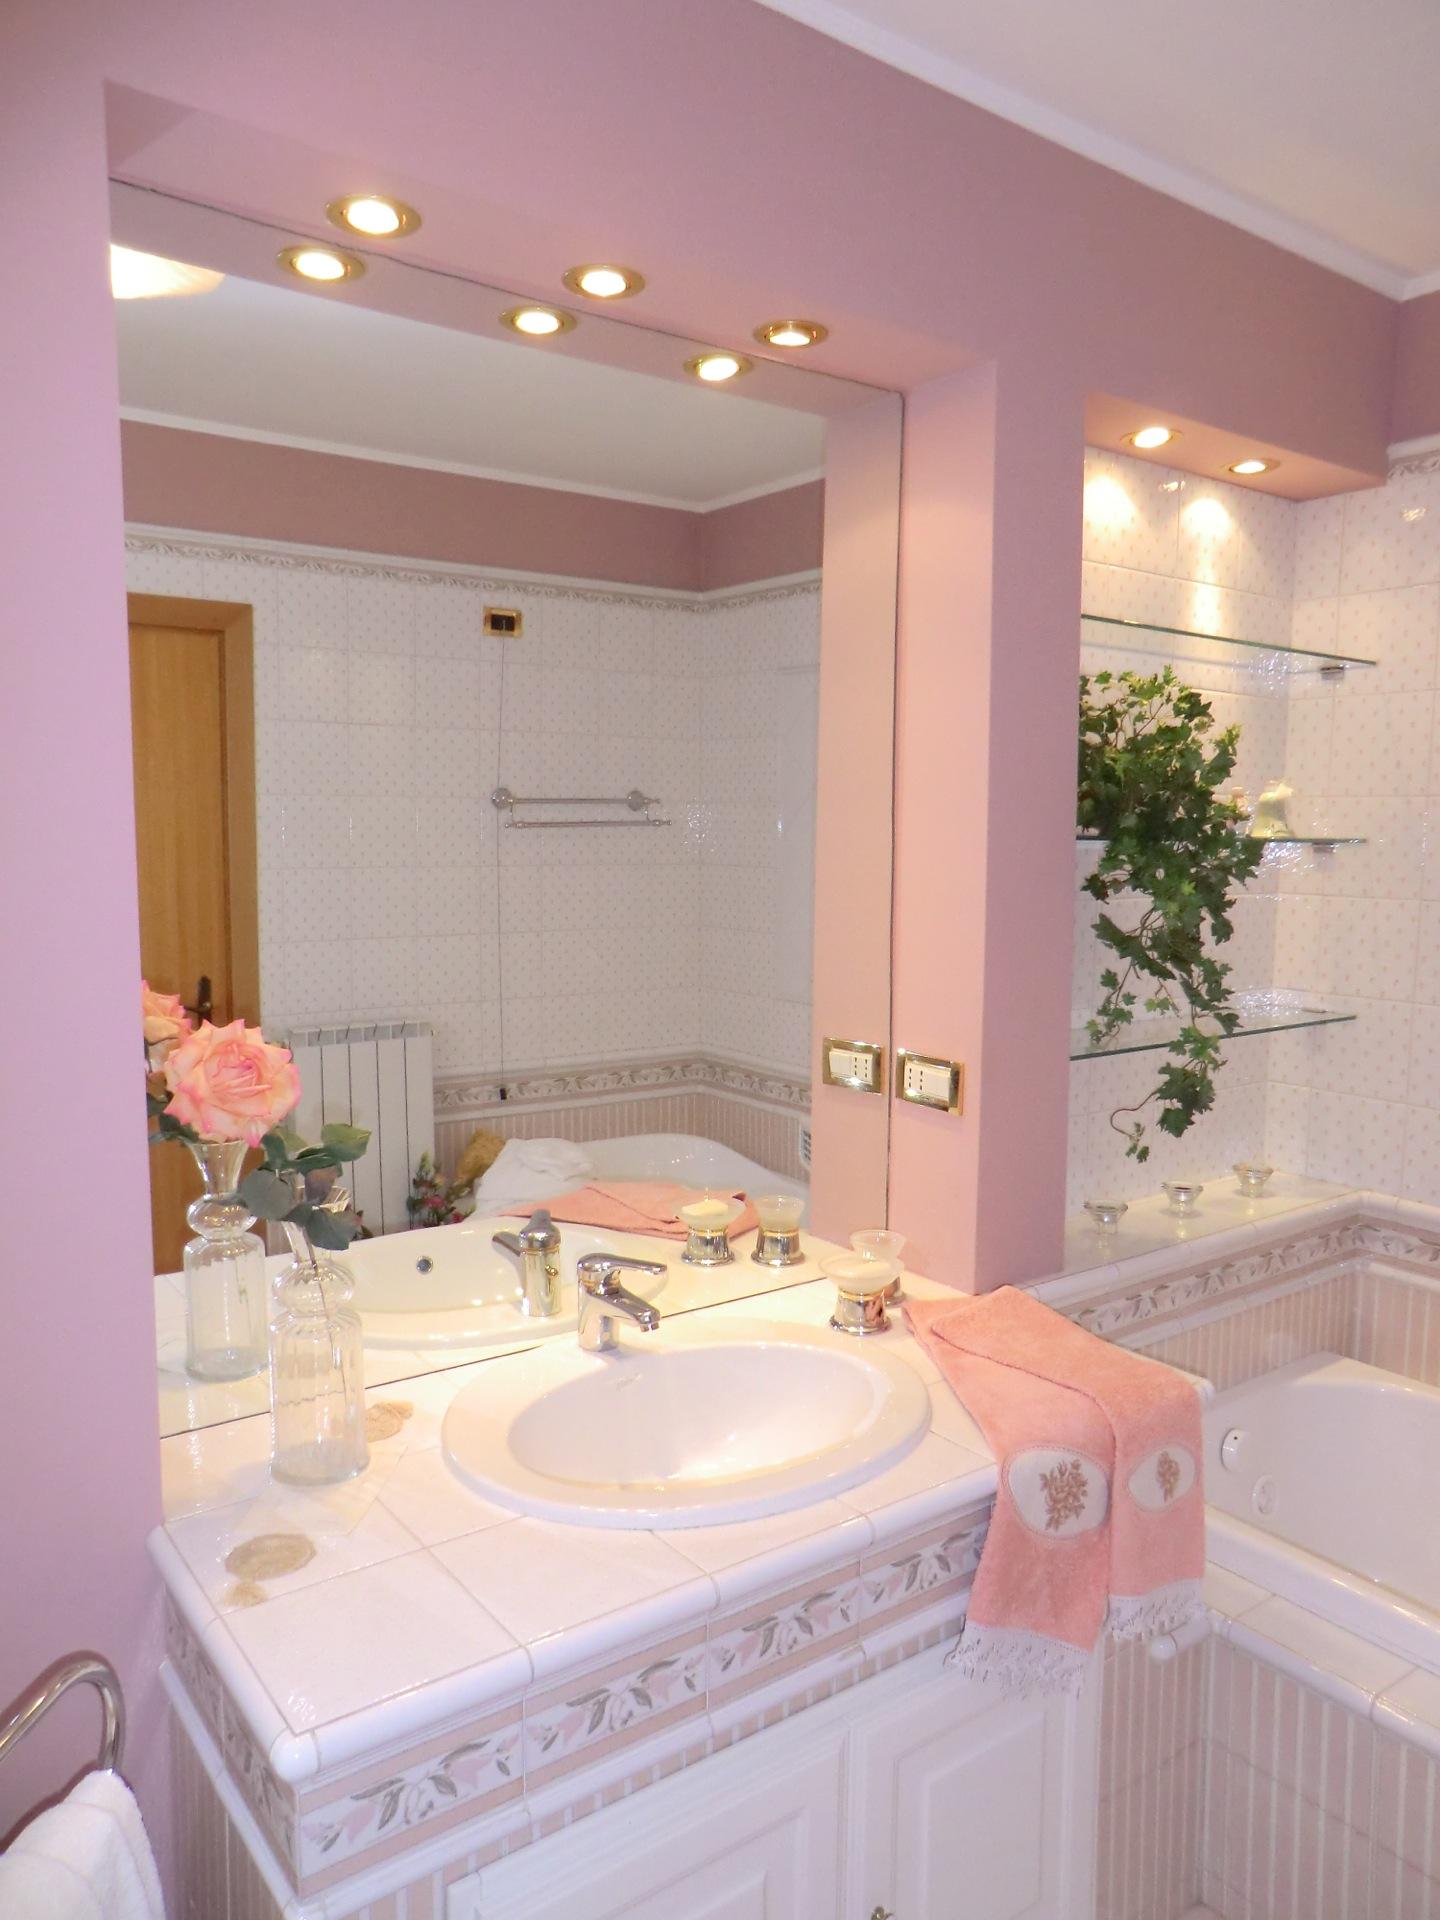 bagno moderno glicine ~ Comarg.com = Lussuoso Design del Bagno con ...